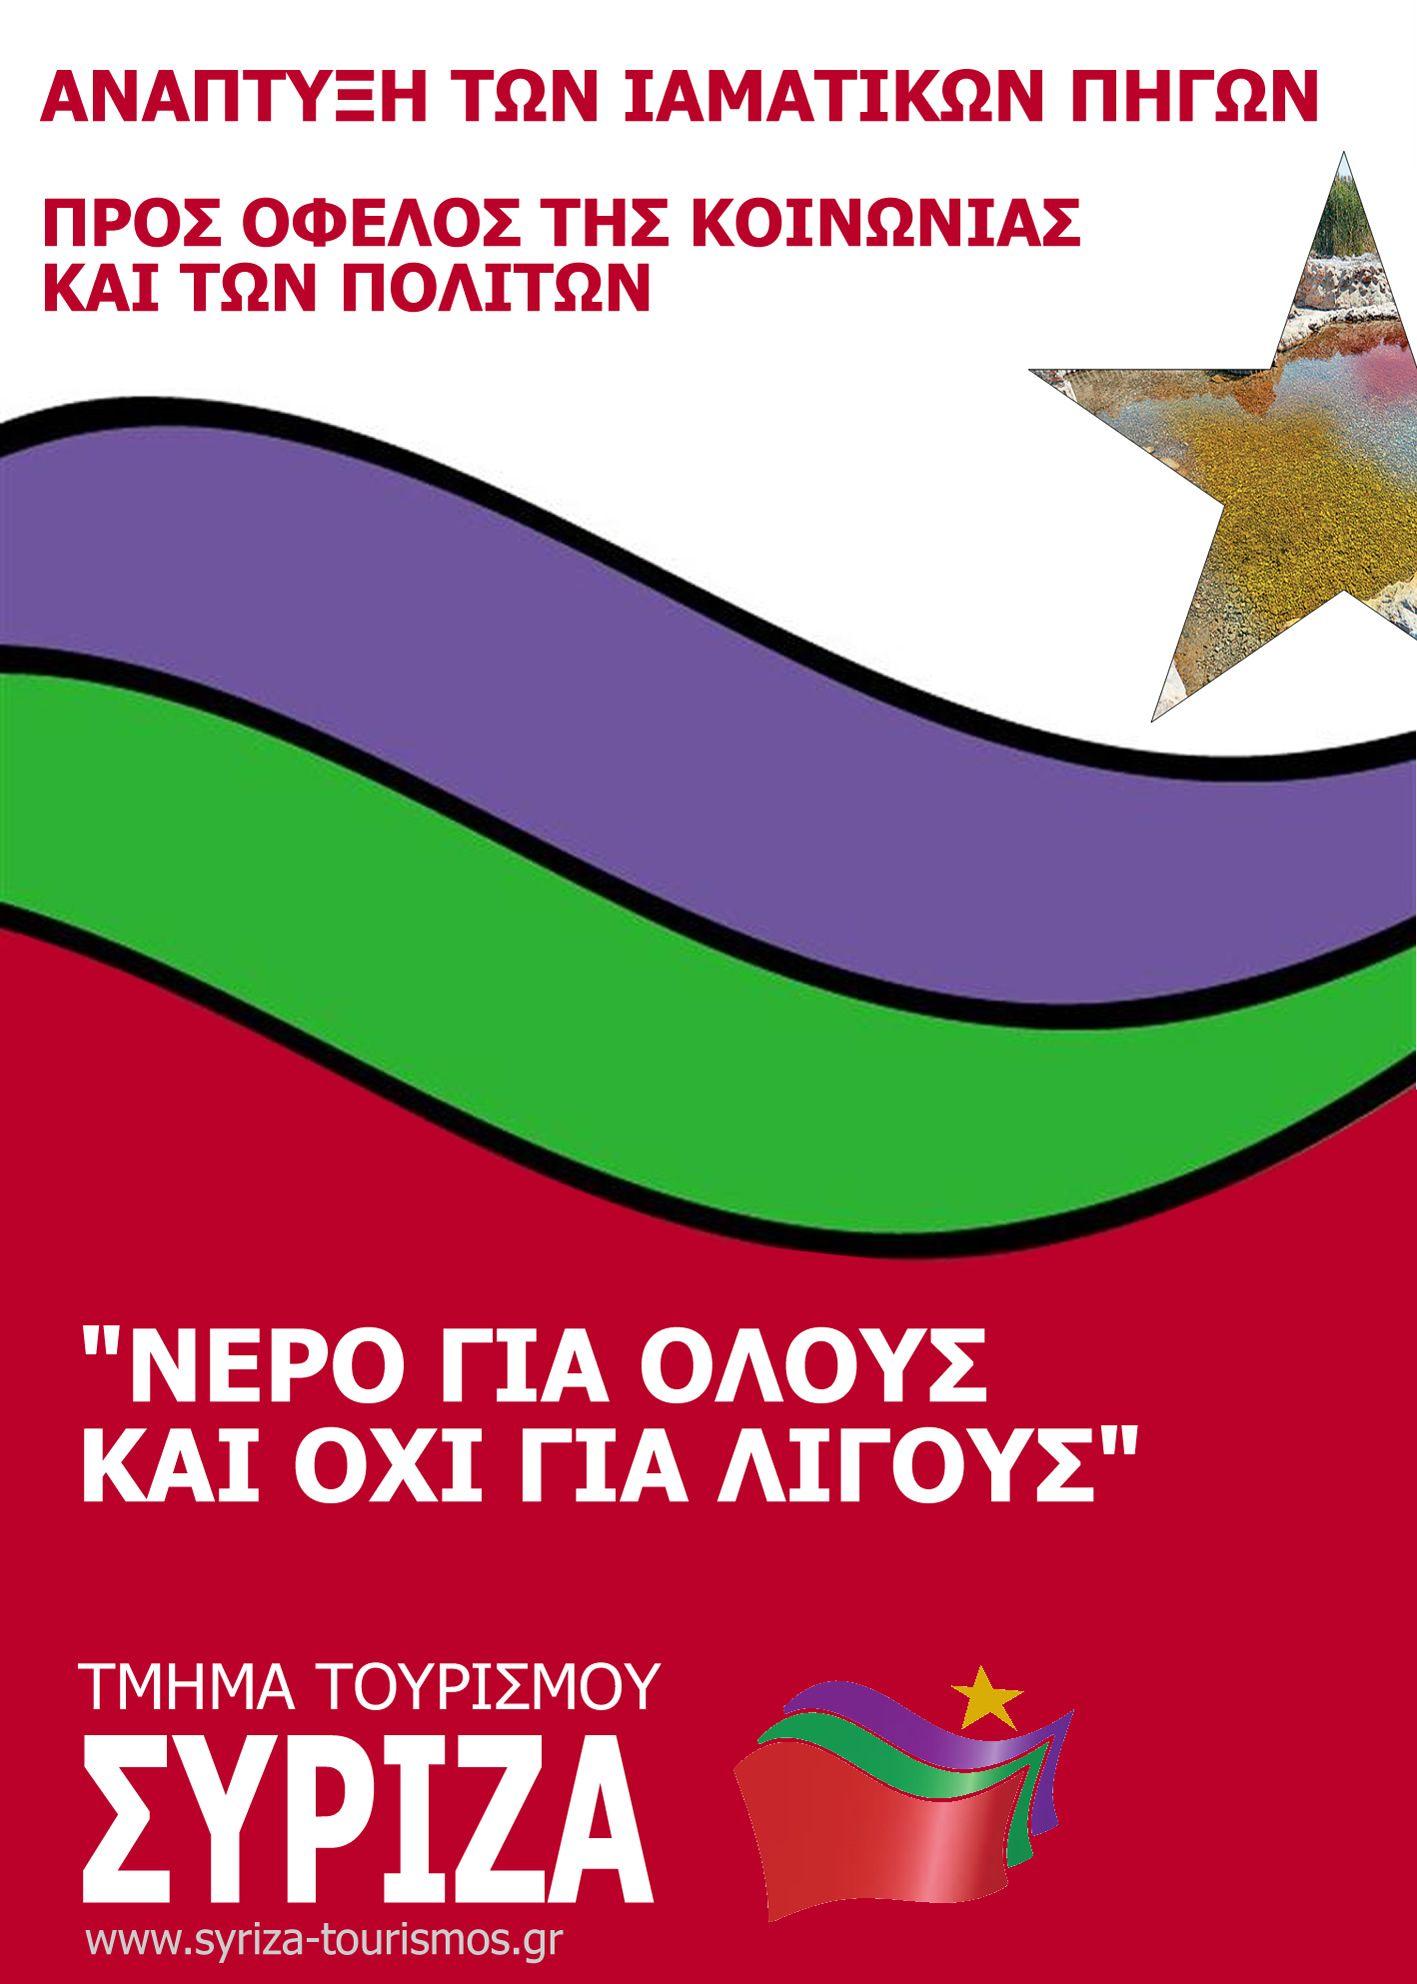 afisa-syriza-iamatikes